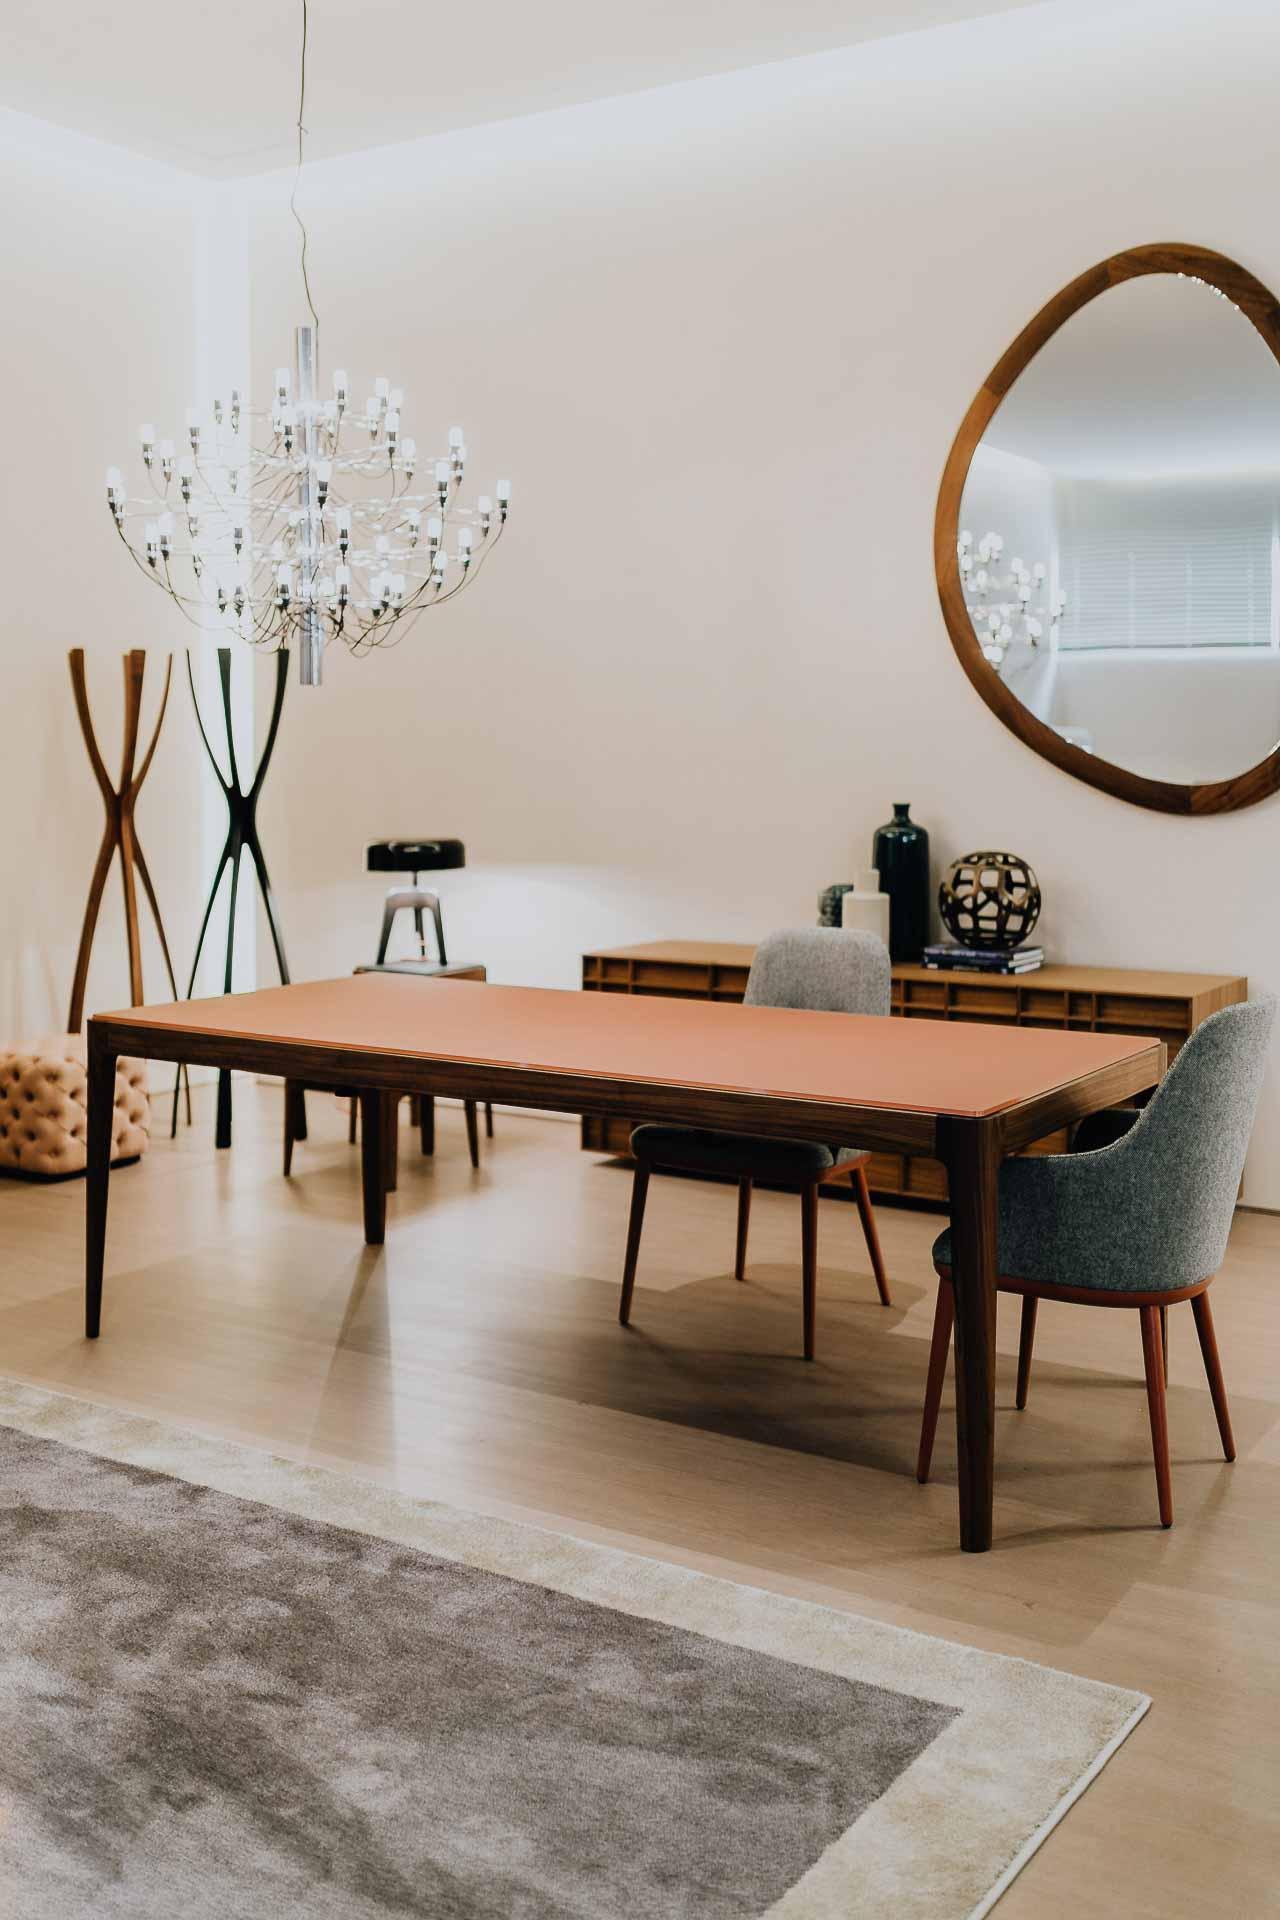 møbler produktfoto